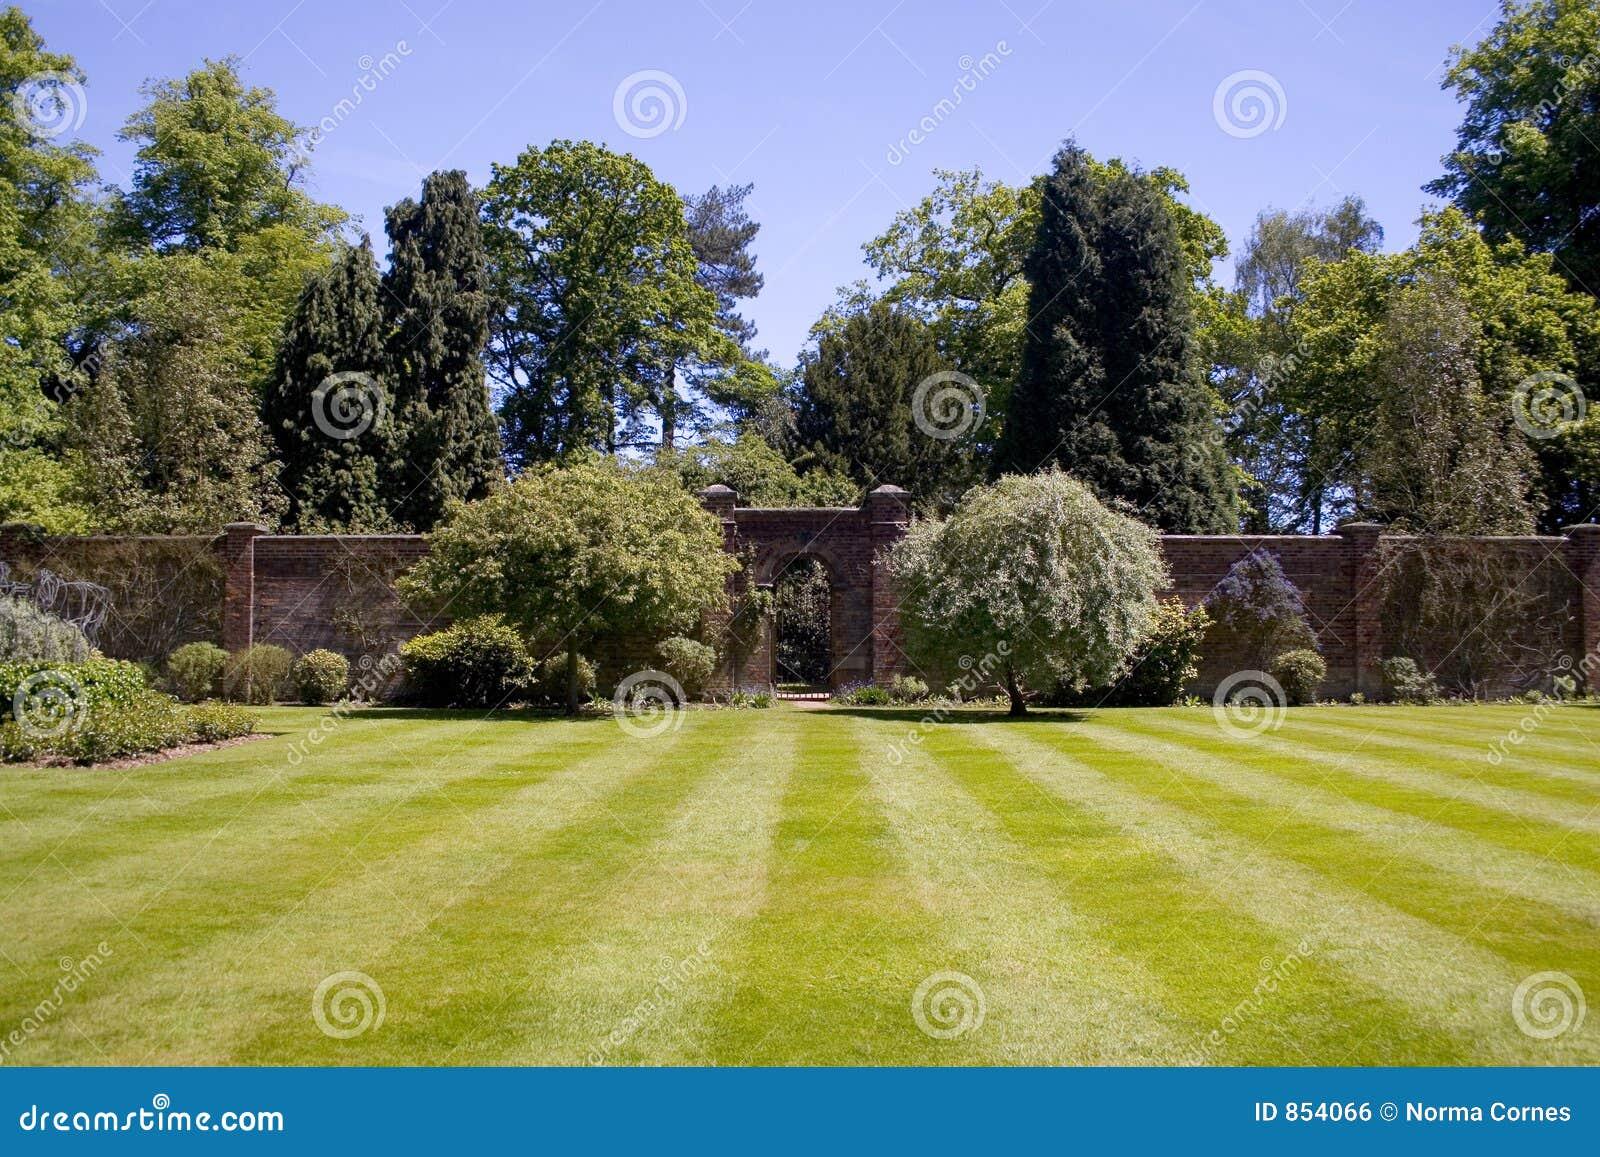 Geummauerter Garten